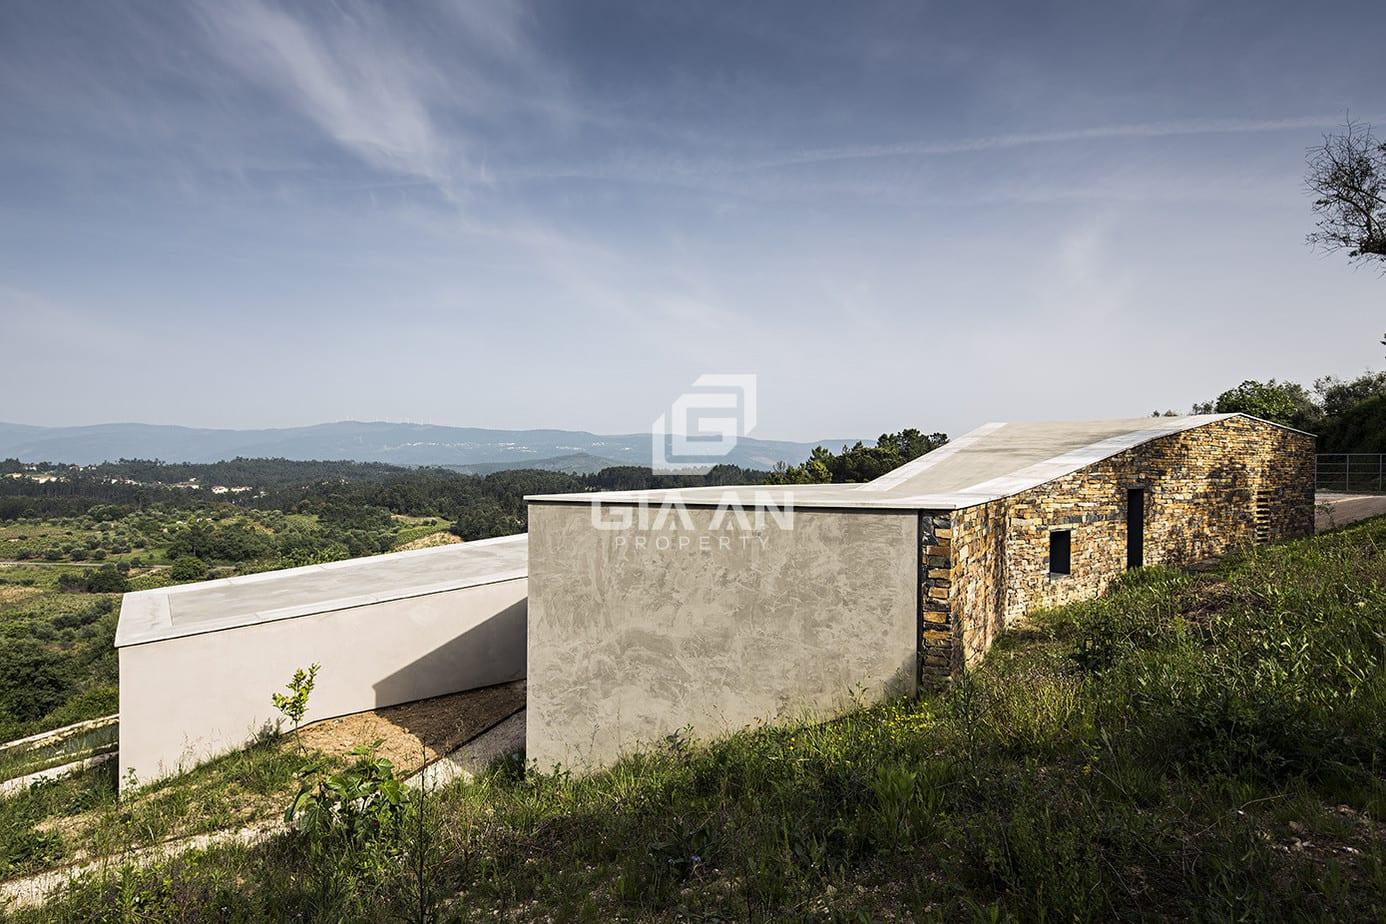 Không gian nghỉ dưỡng thoáng đẹp trên sườn đồi ở Bồ Đào Nha - 24